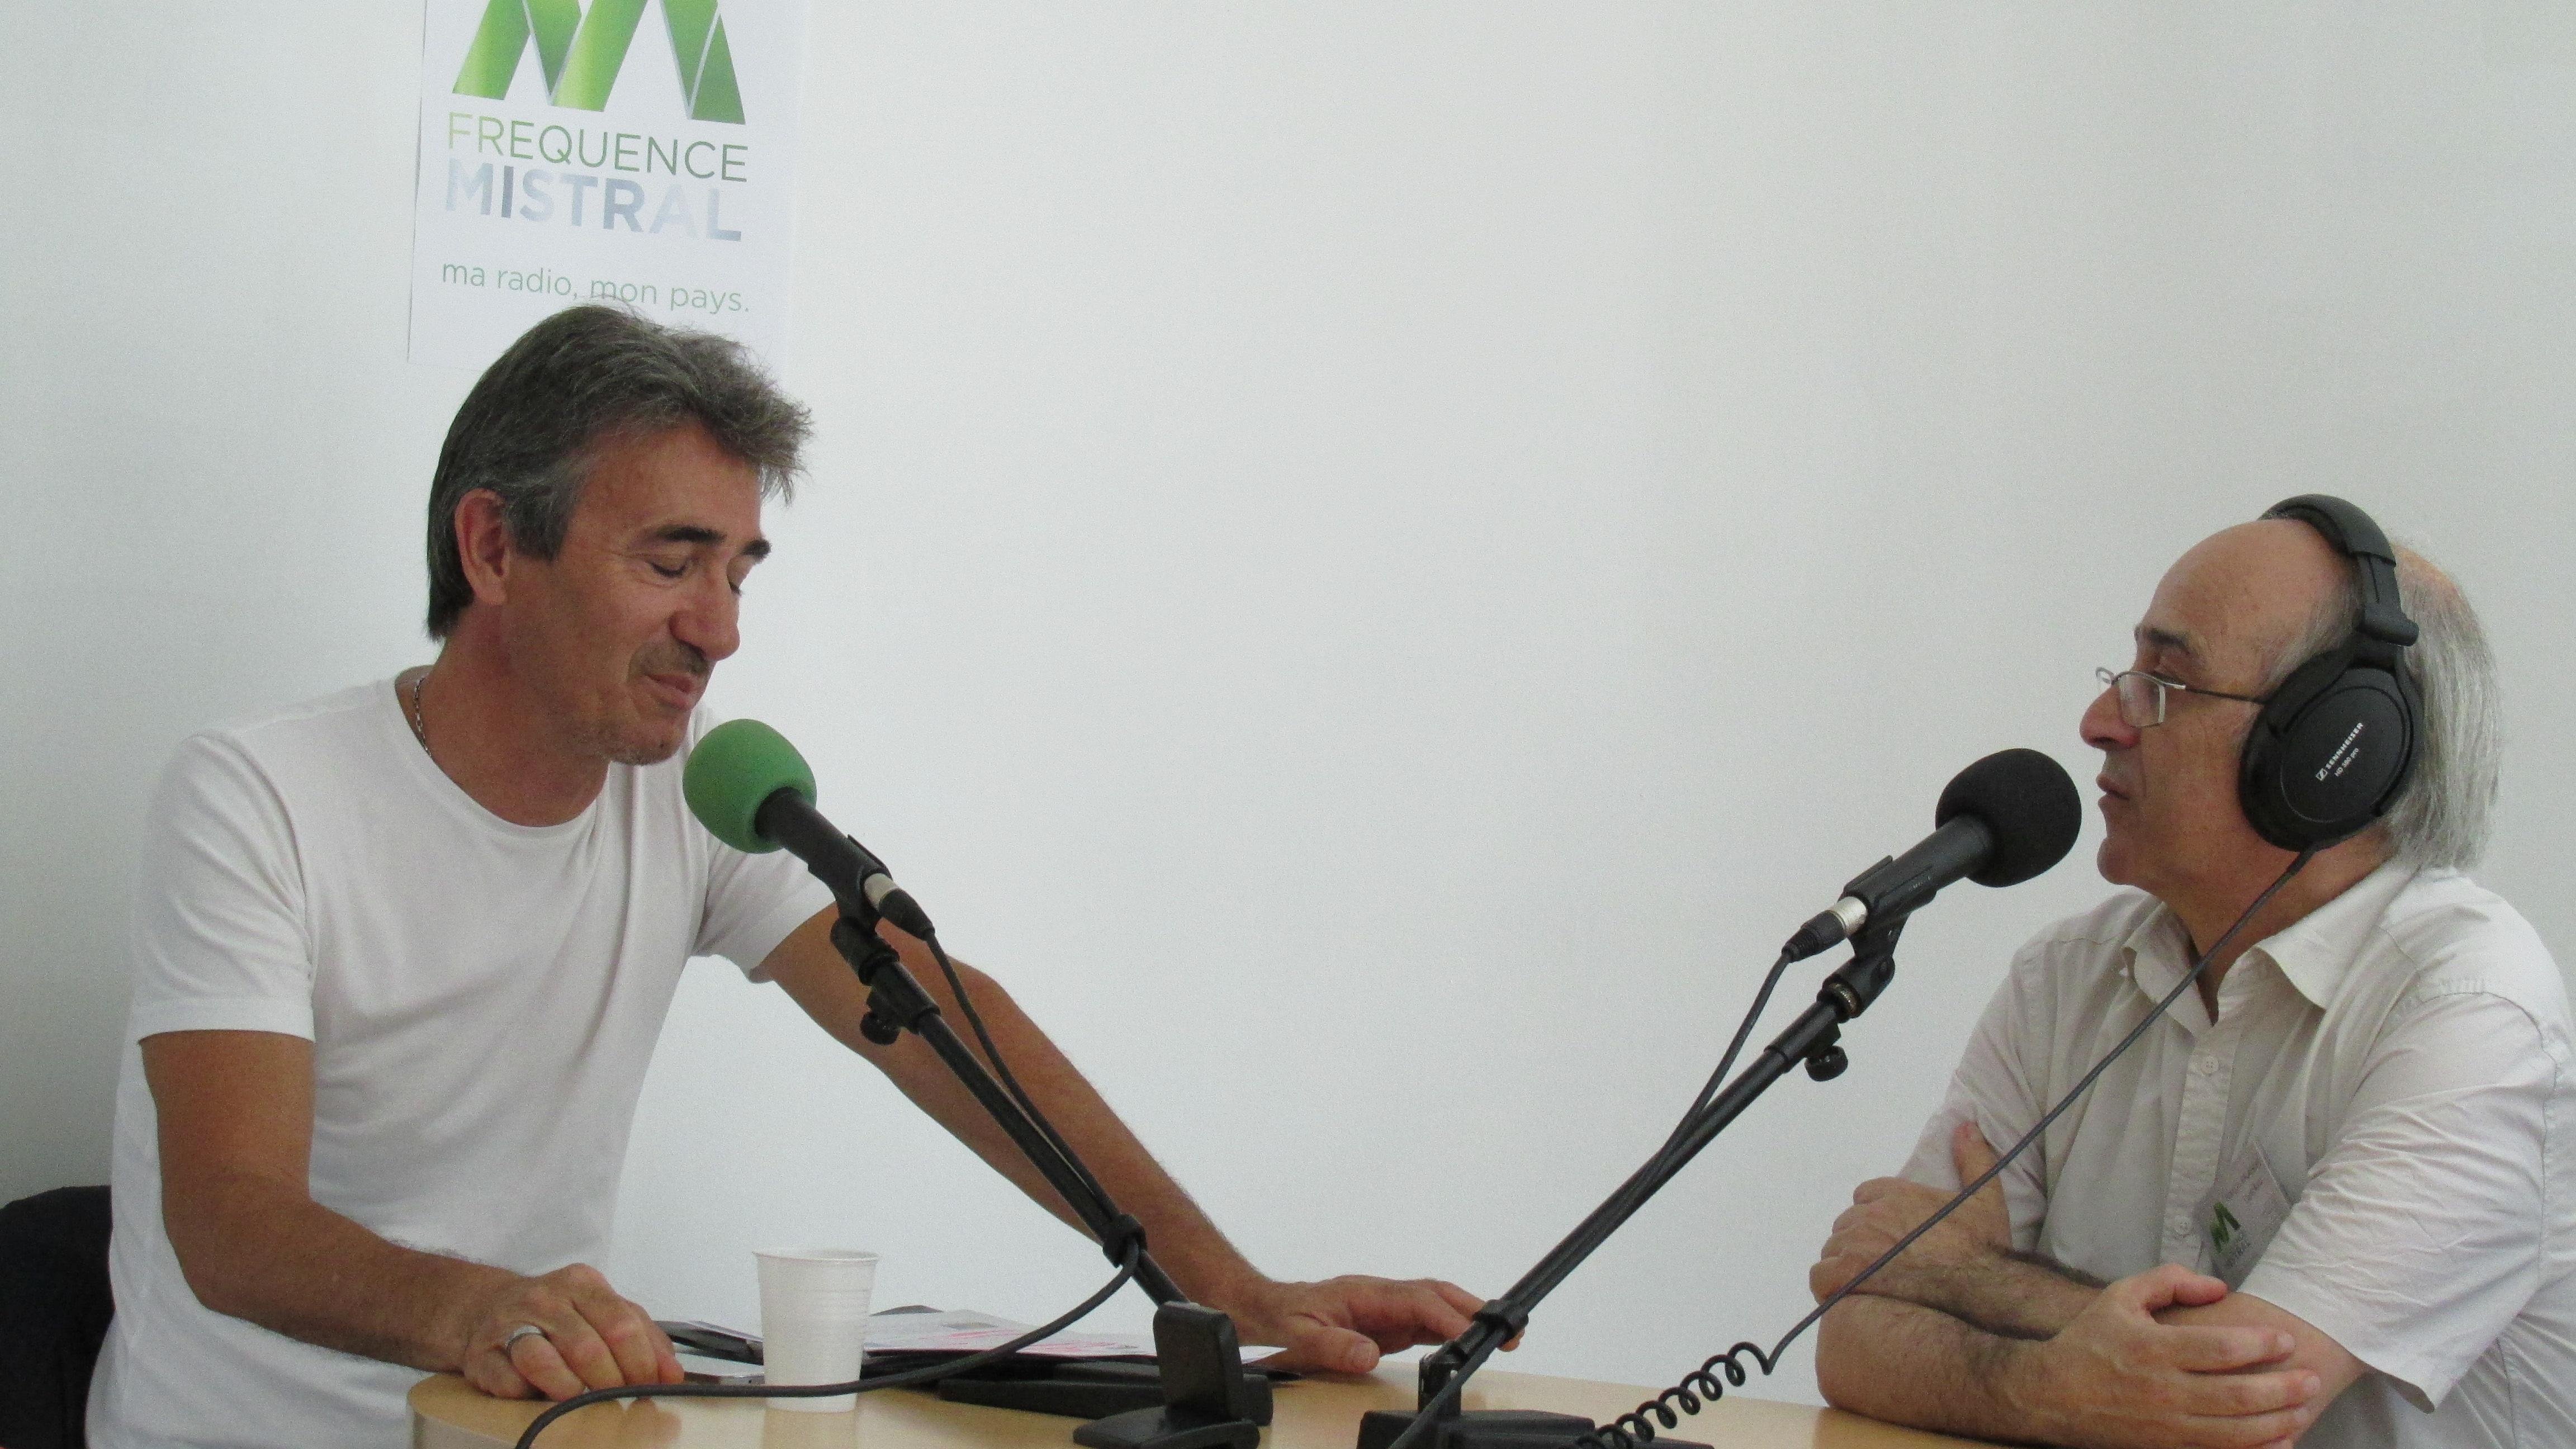 Inauguration des nouveaux studios de Fréquence mistral Manosque le 19 juin